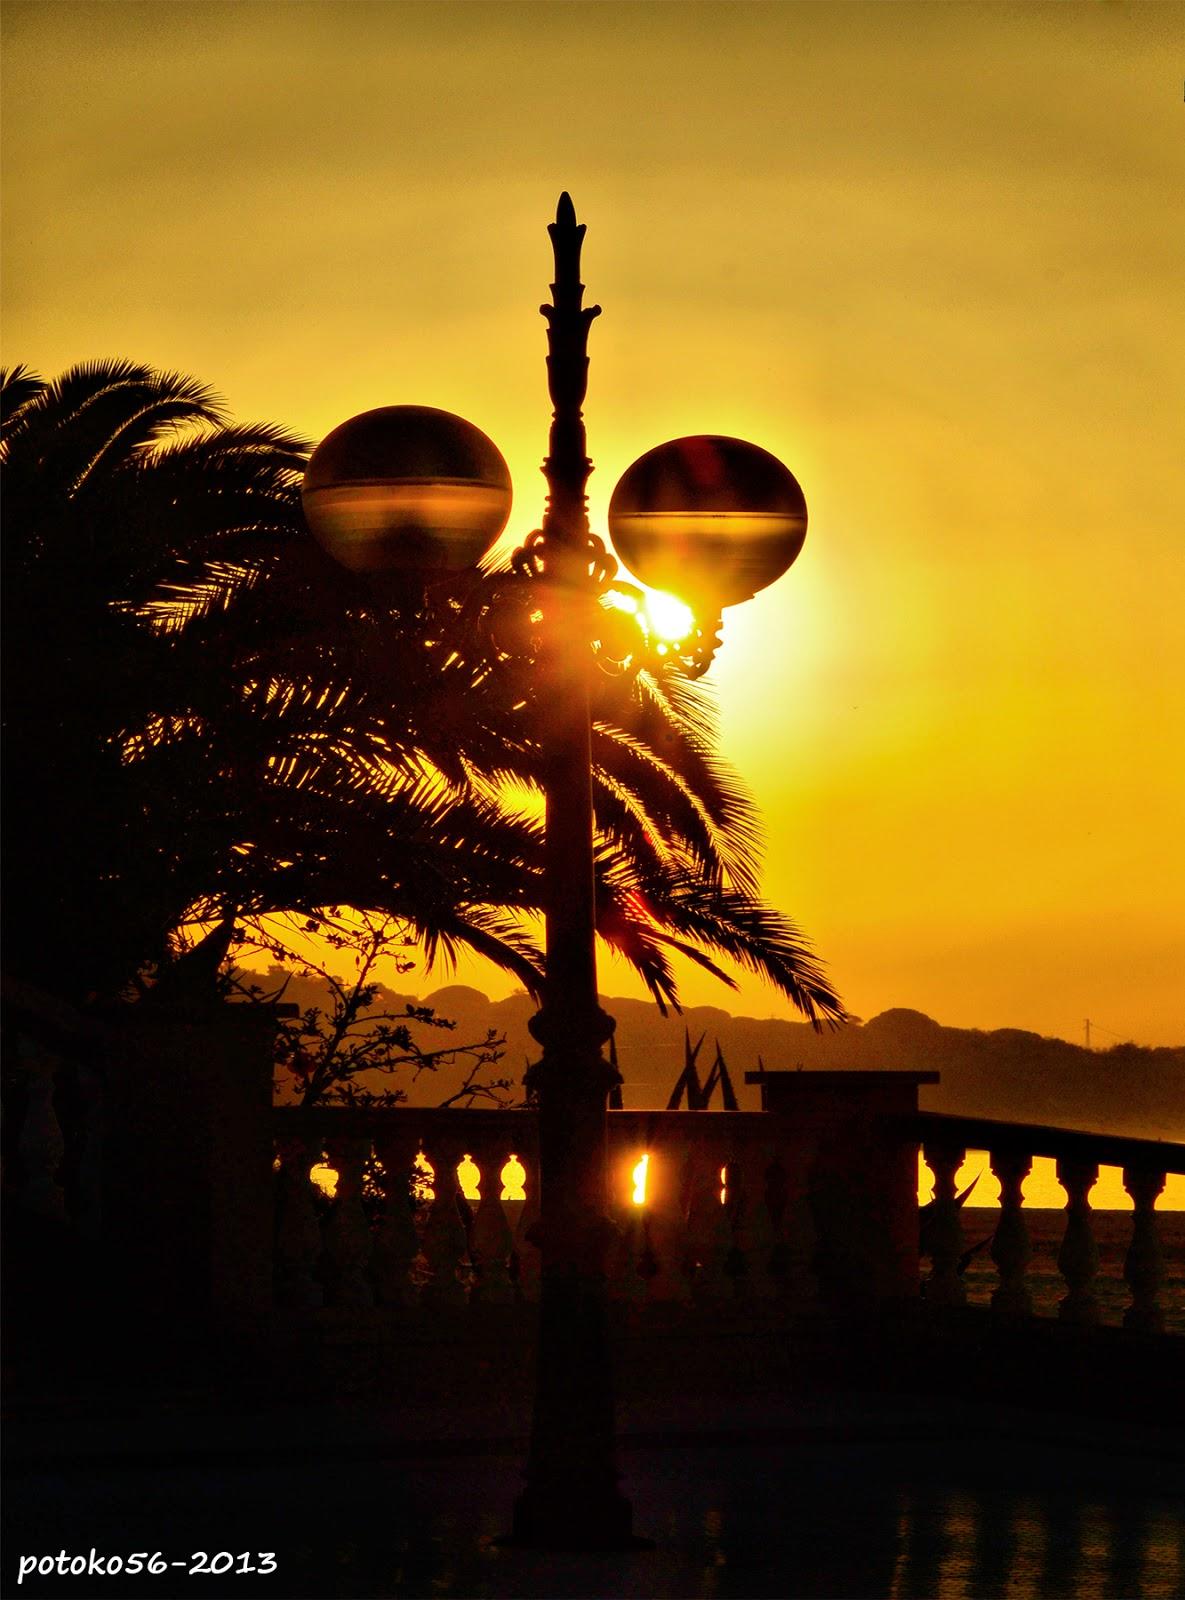 Reflejos del Sol en una farola Rota